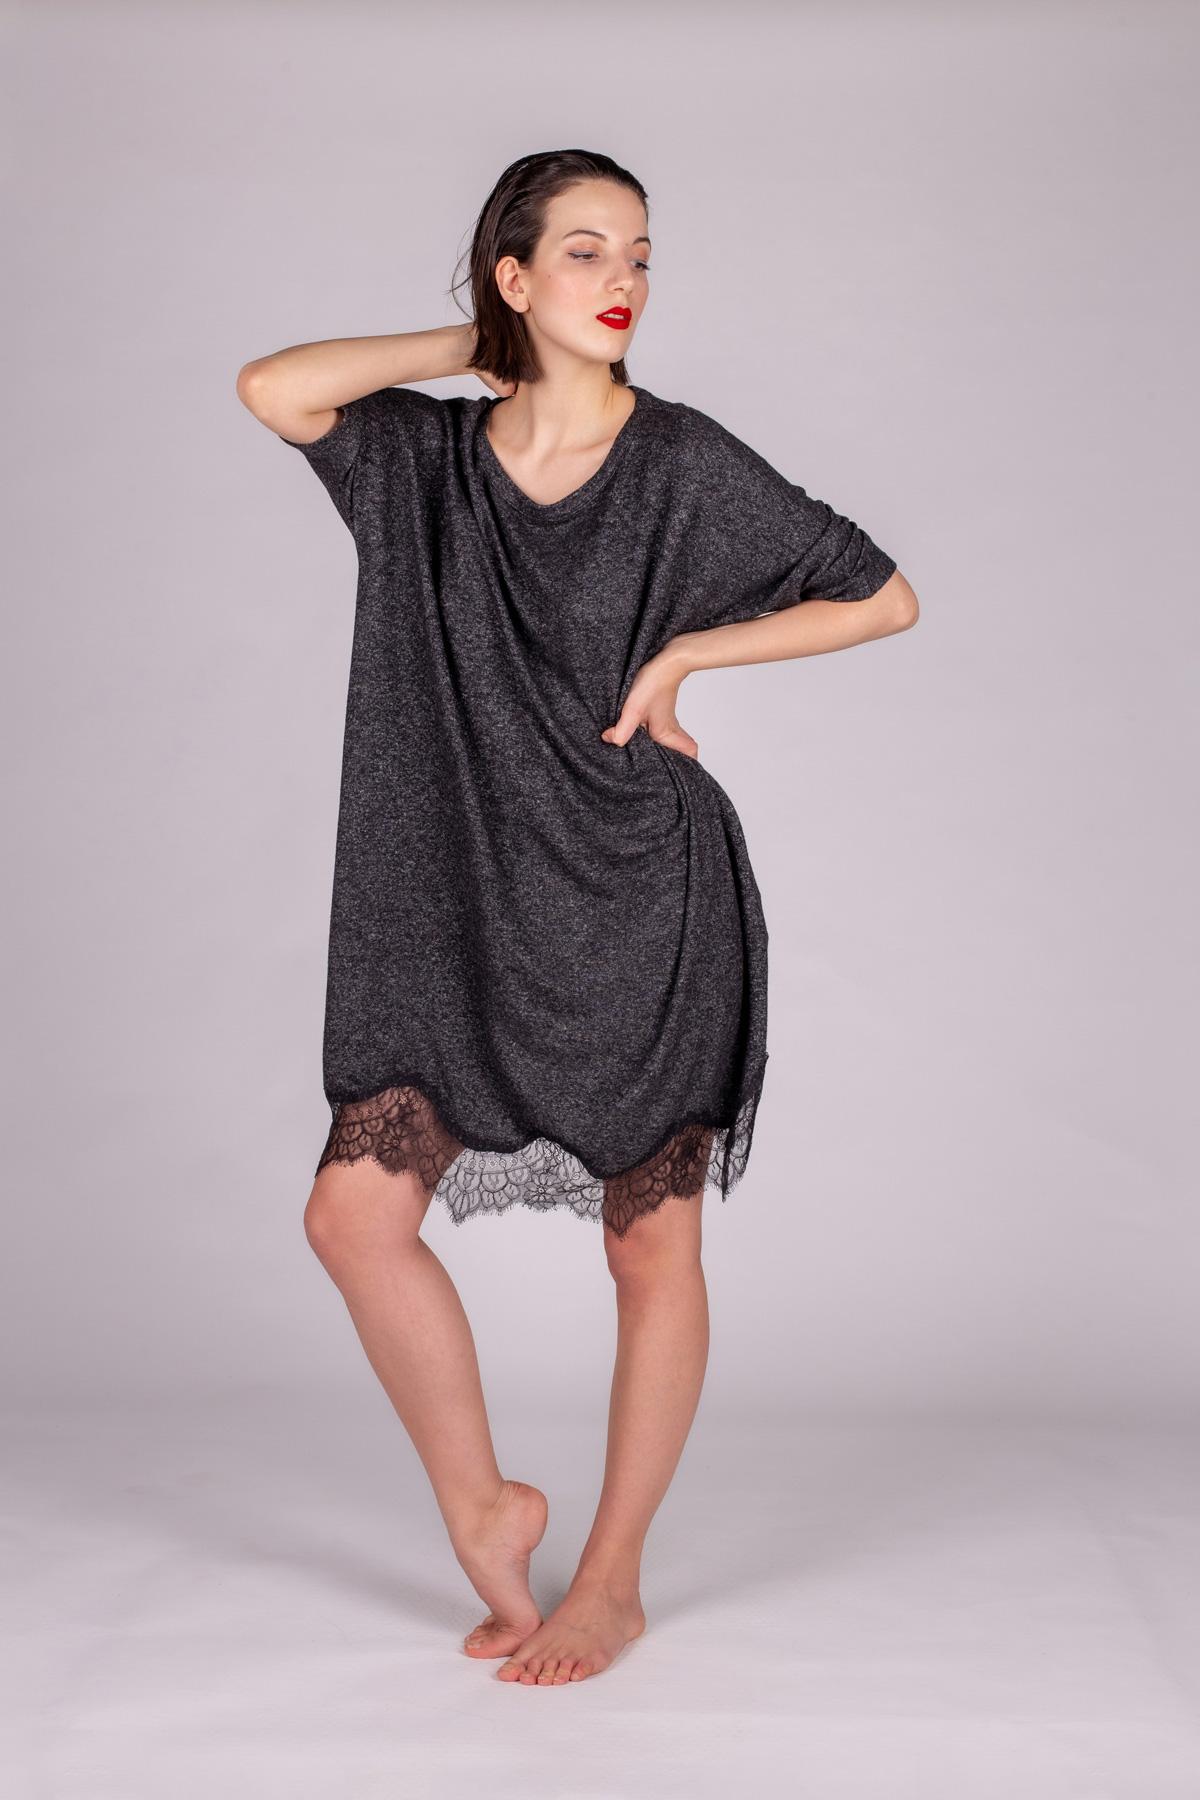 Kadın Etek Ucu Dantelli Triko Elbise